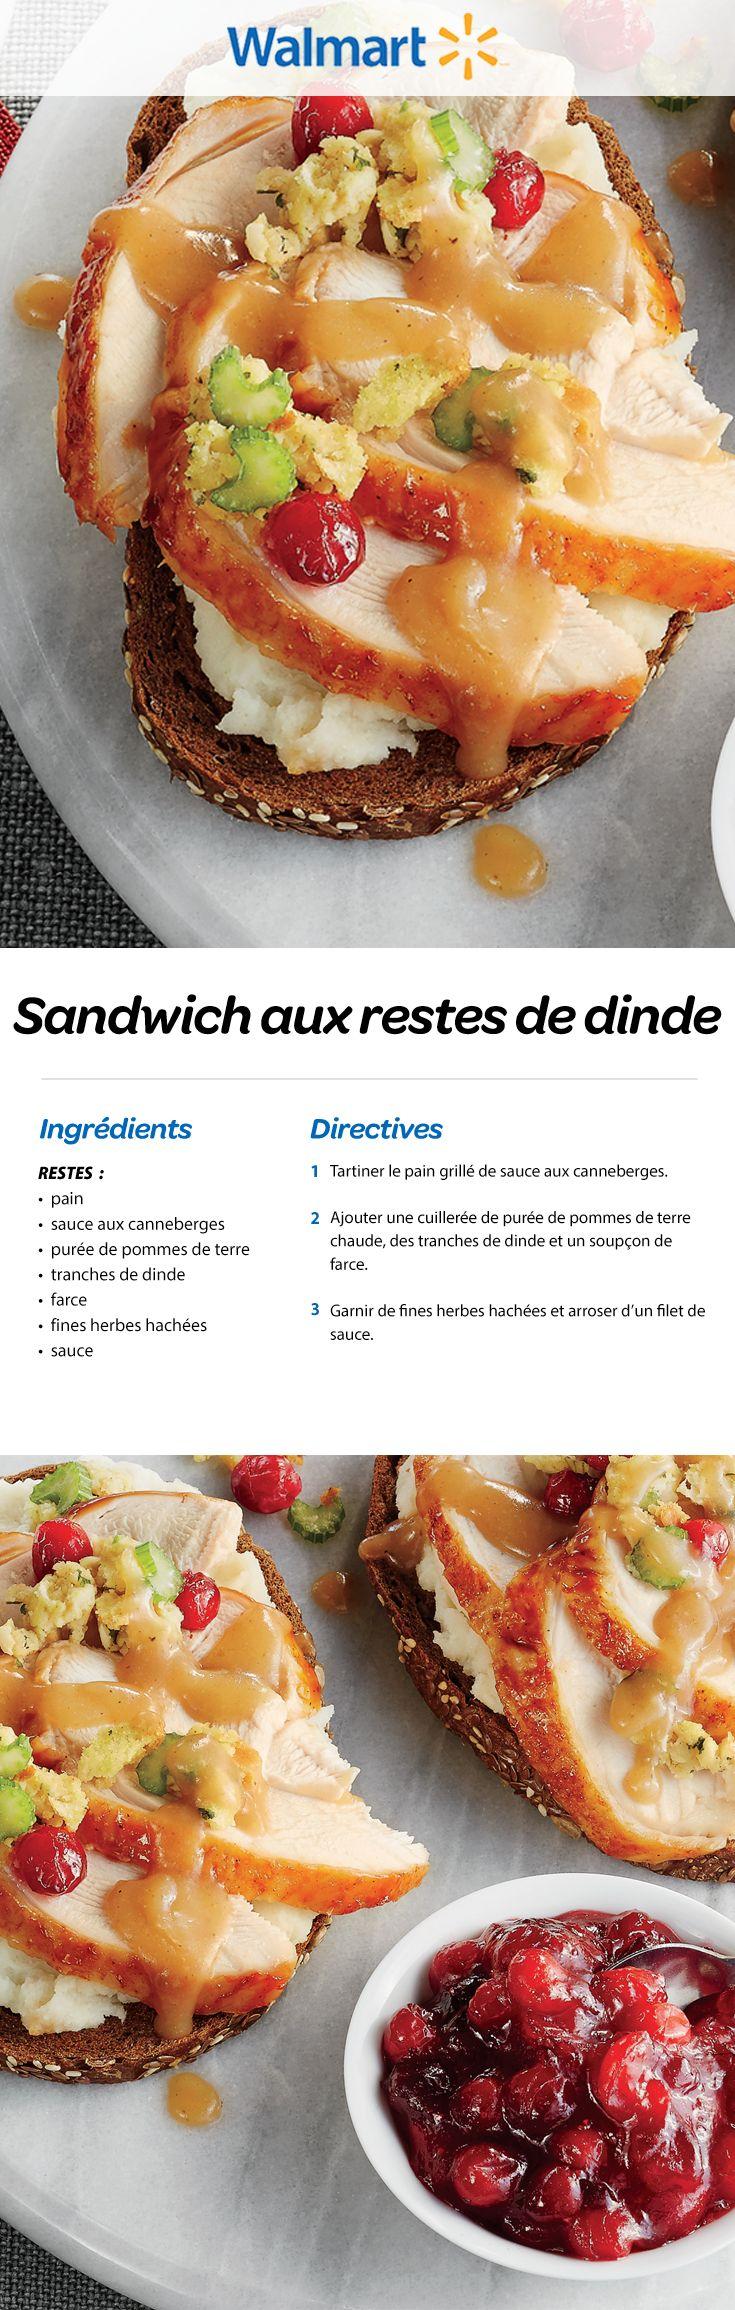 Sandwich aux restes de dinde